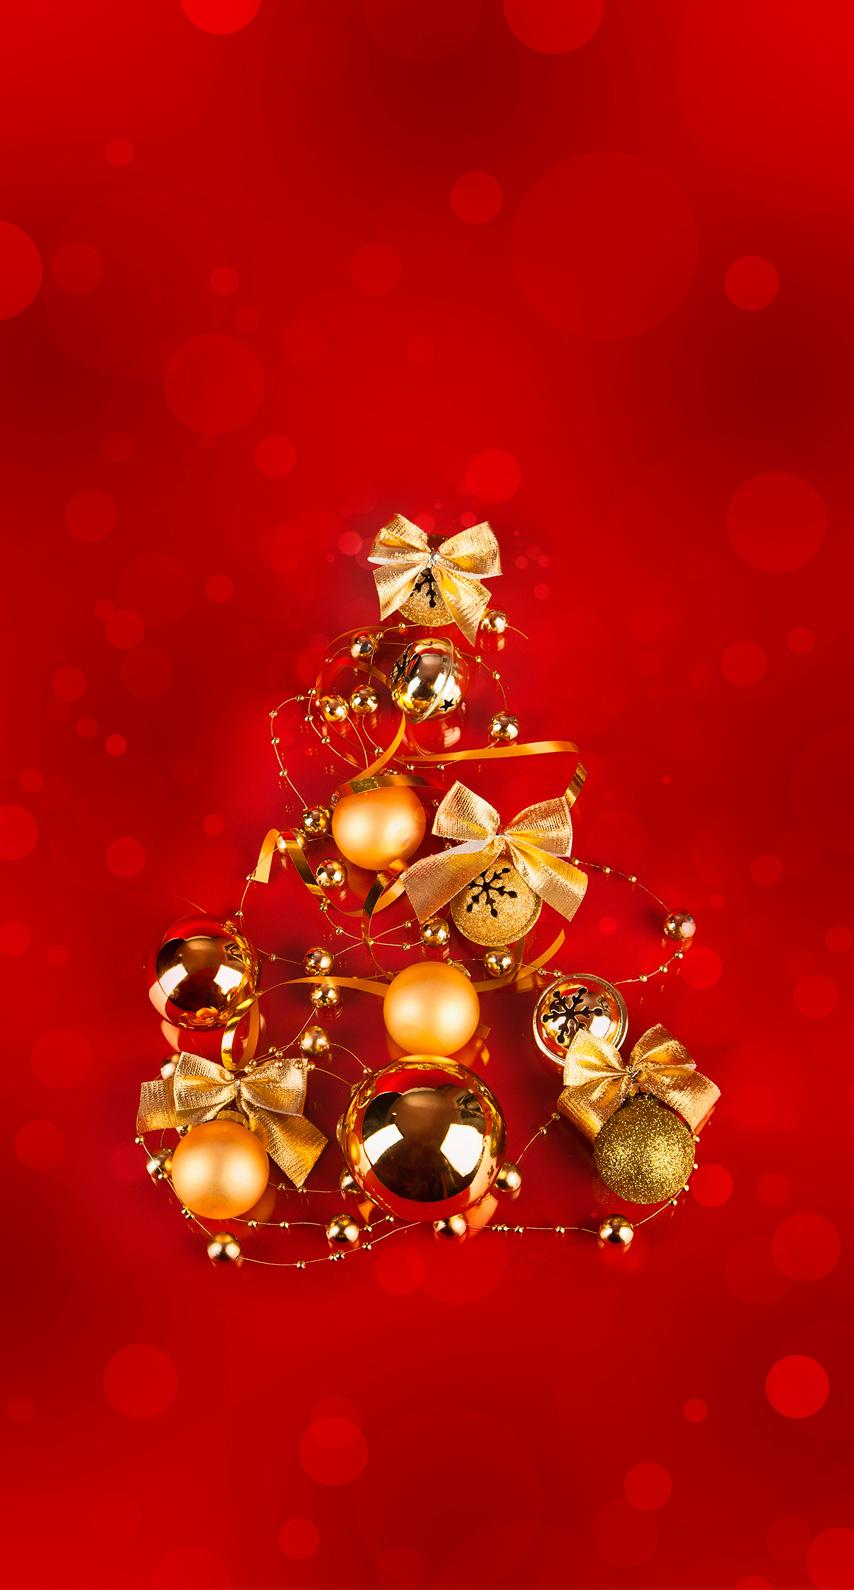 fir, Christmas